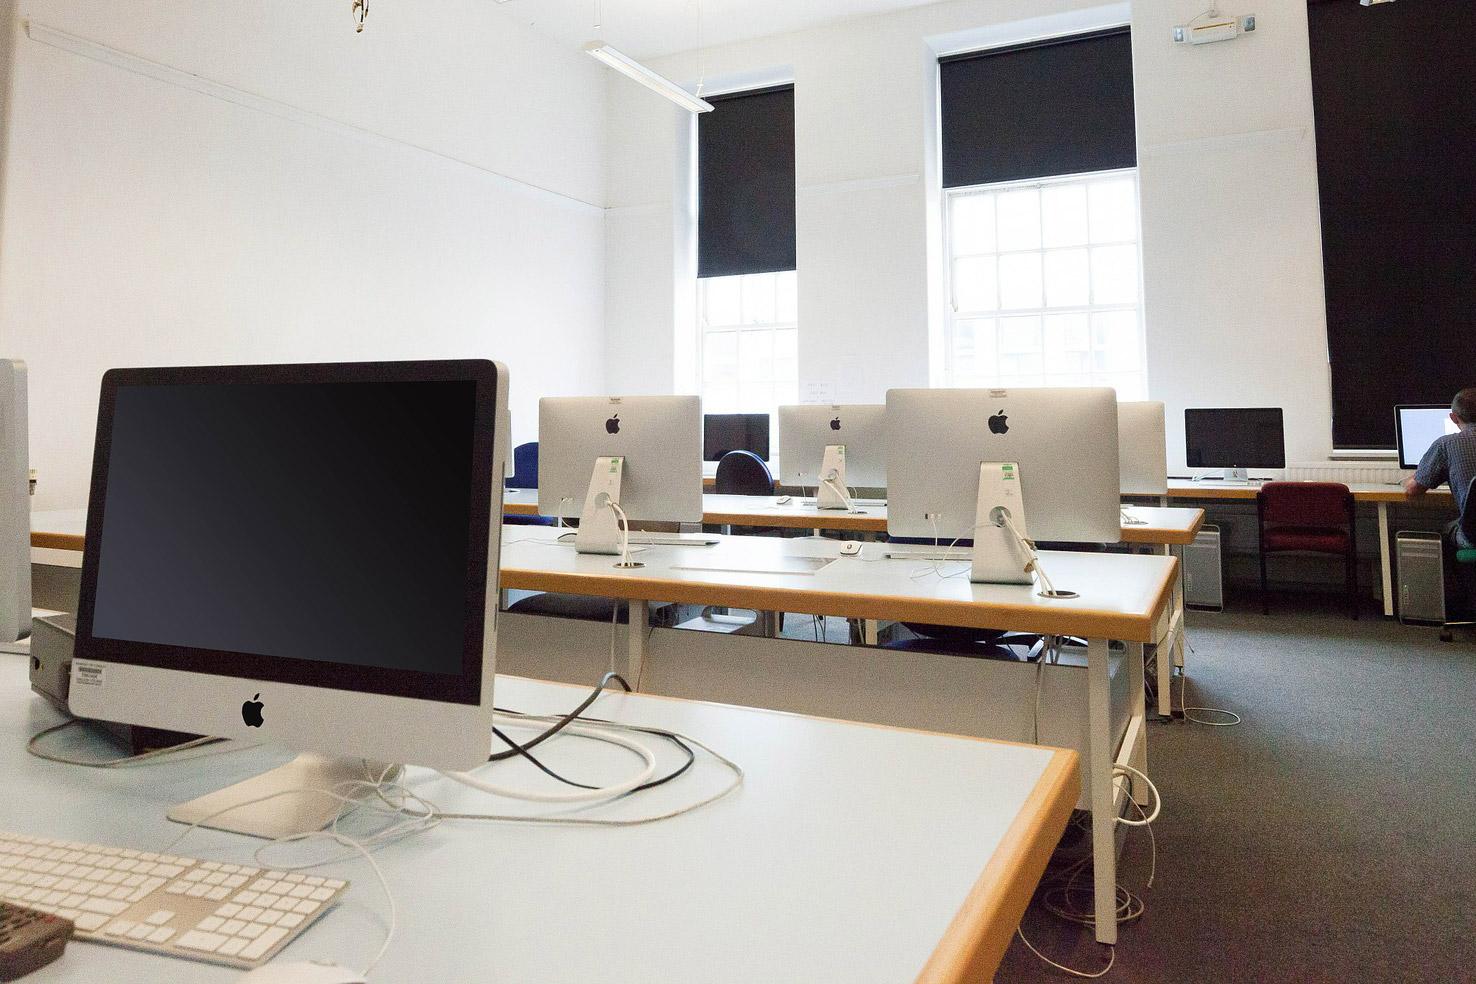 職業訓練校でWebデザインを学ぶ